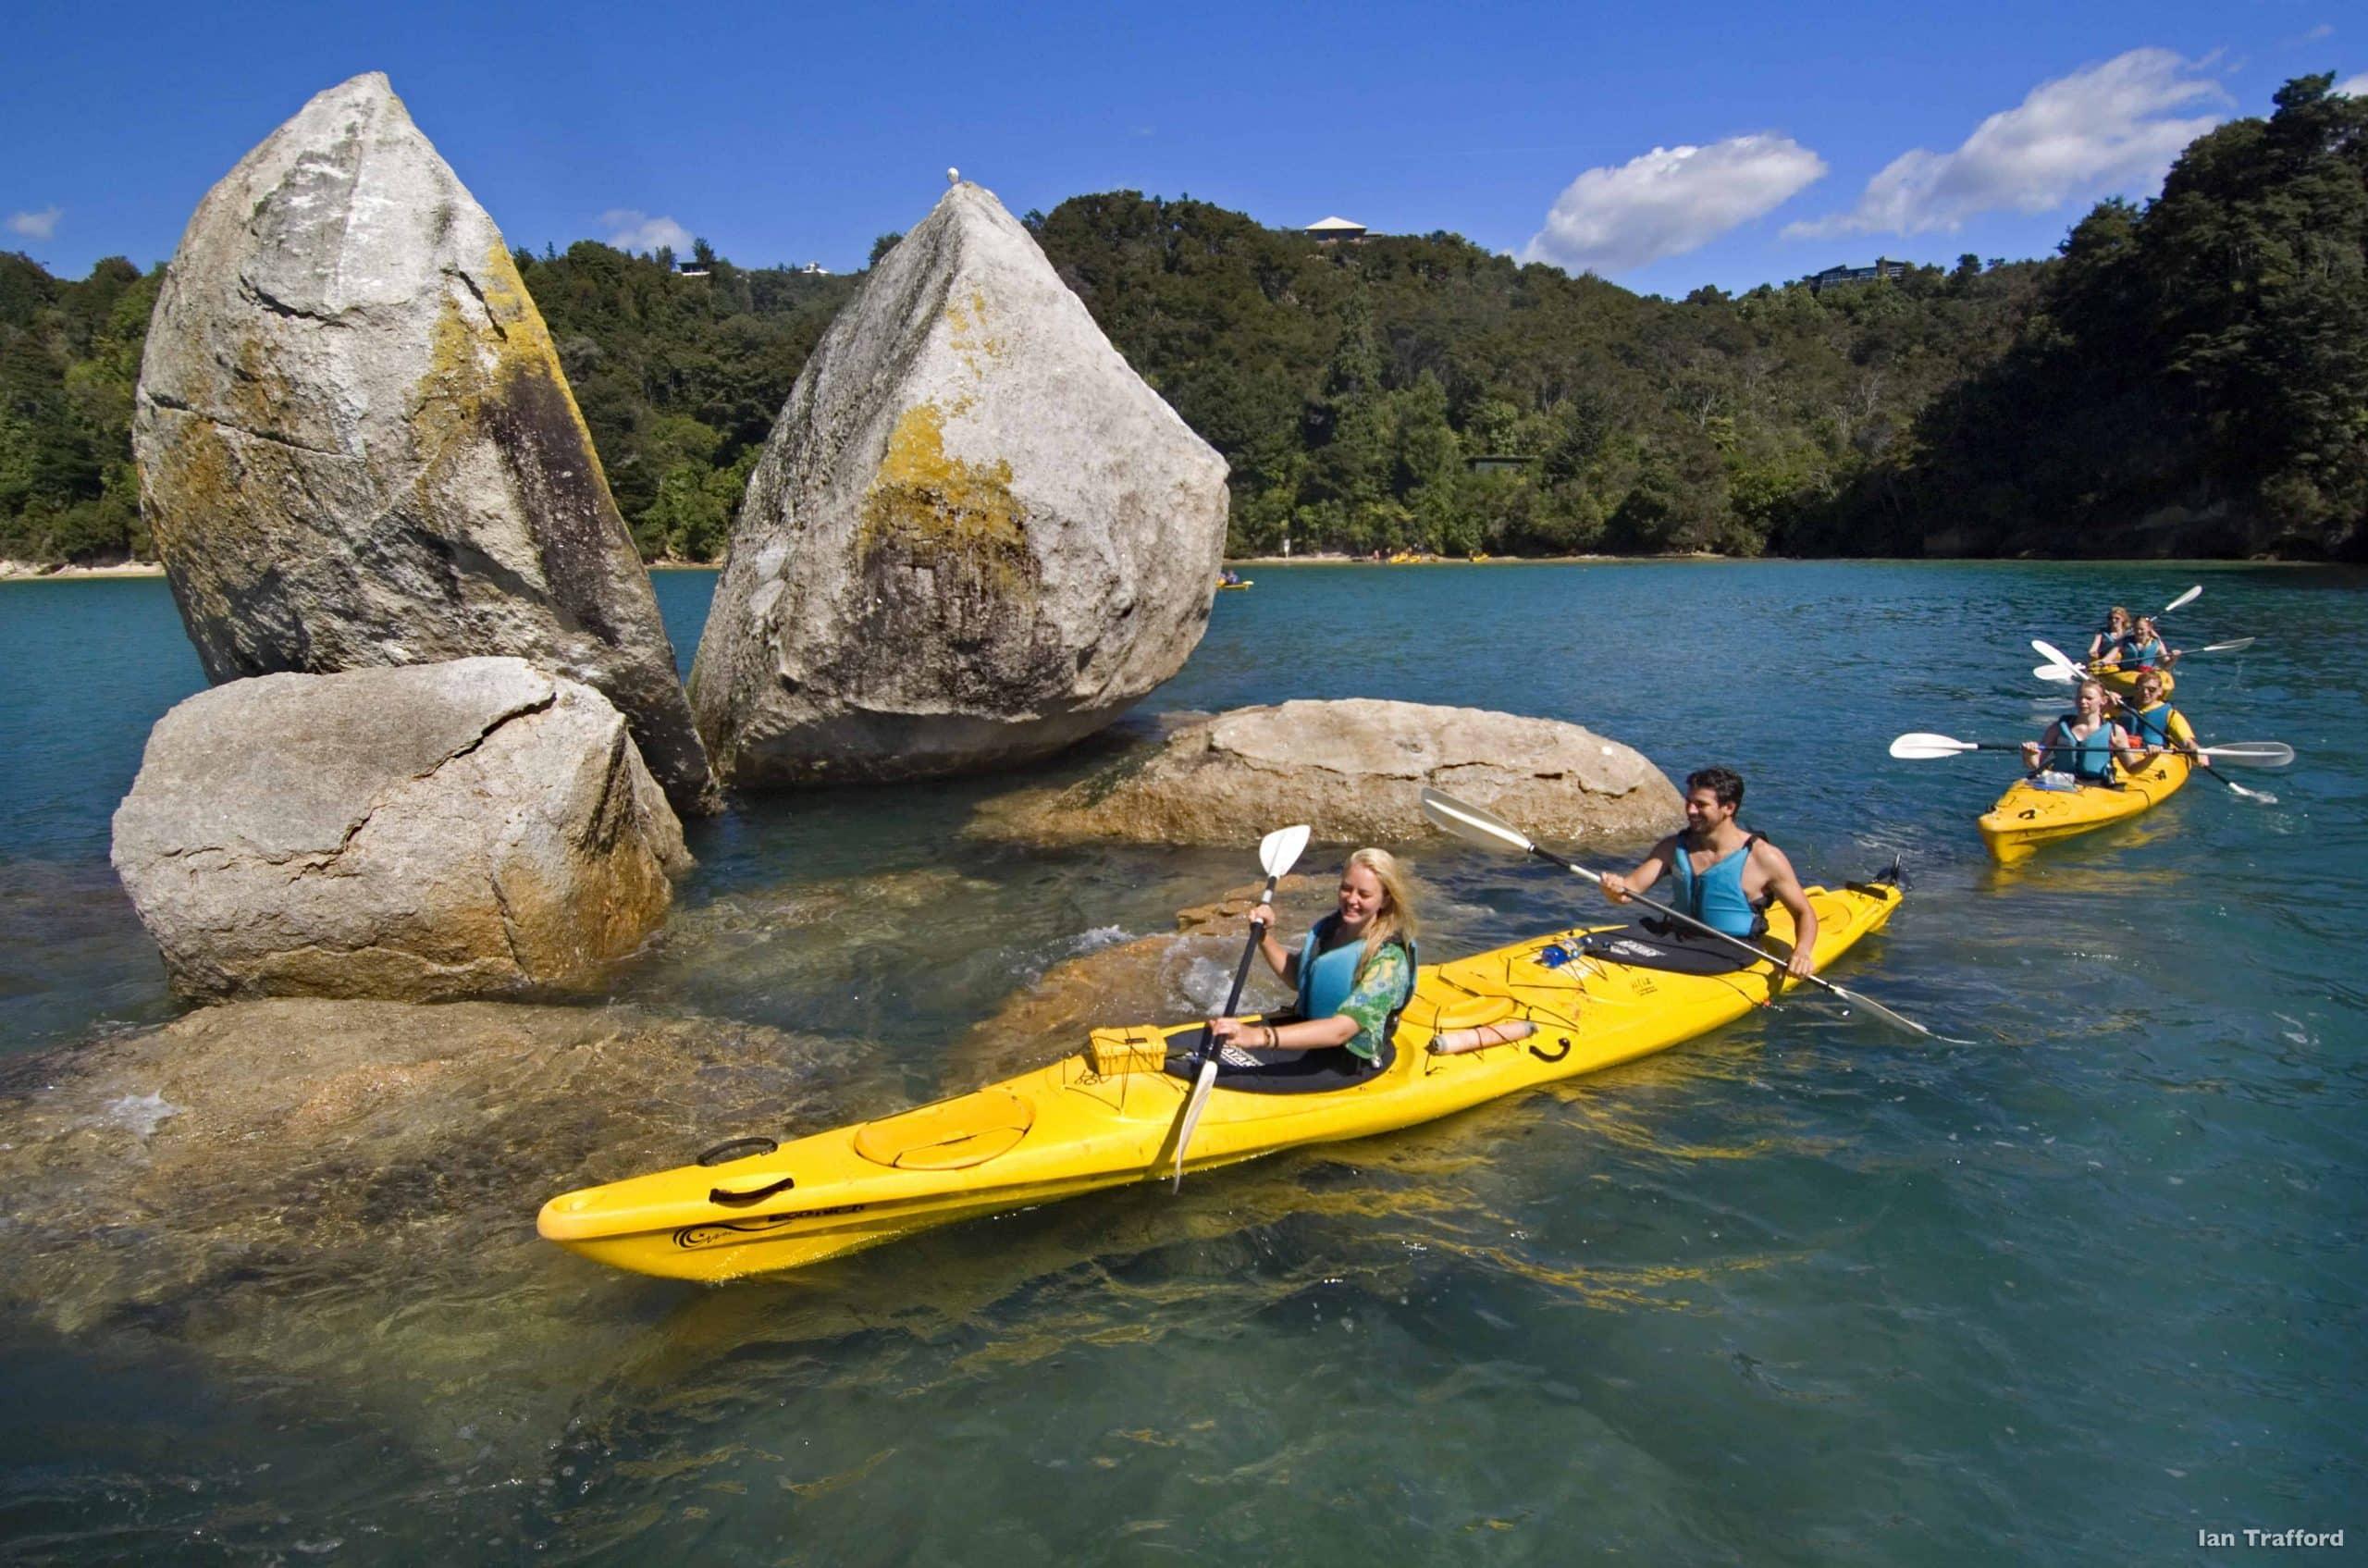 Tag på kajaktur, når du besøger Abel Tasman national park i New Zealand - Risskov Rejser